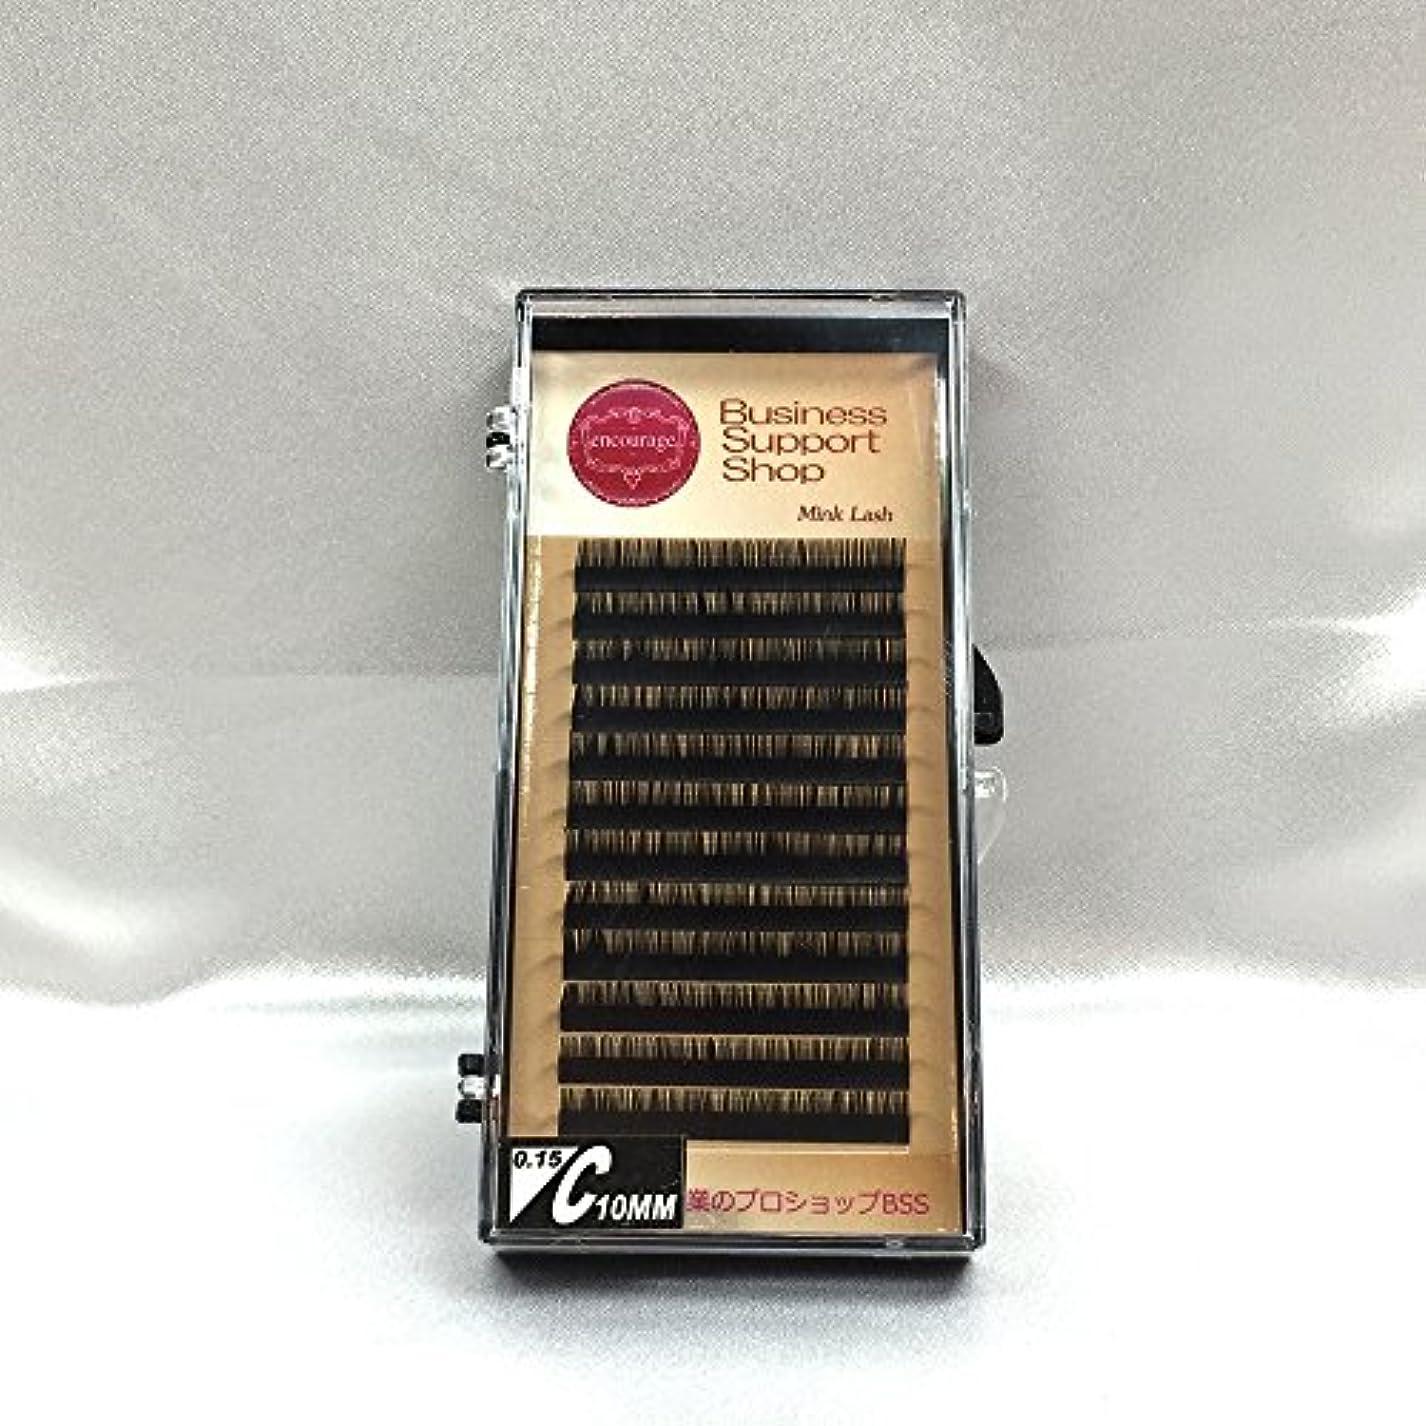 安全メガロポリスゆるいまつげエクステ Cカール(太さ長さ指定) 高級ミンクまつげ 12列シートタイプ ケース入り (太0.15 長10mm)